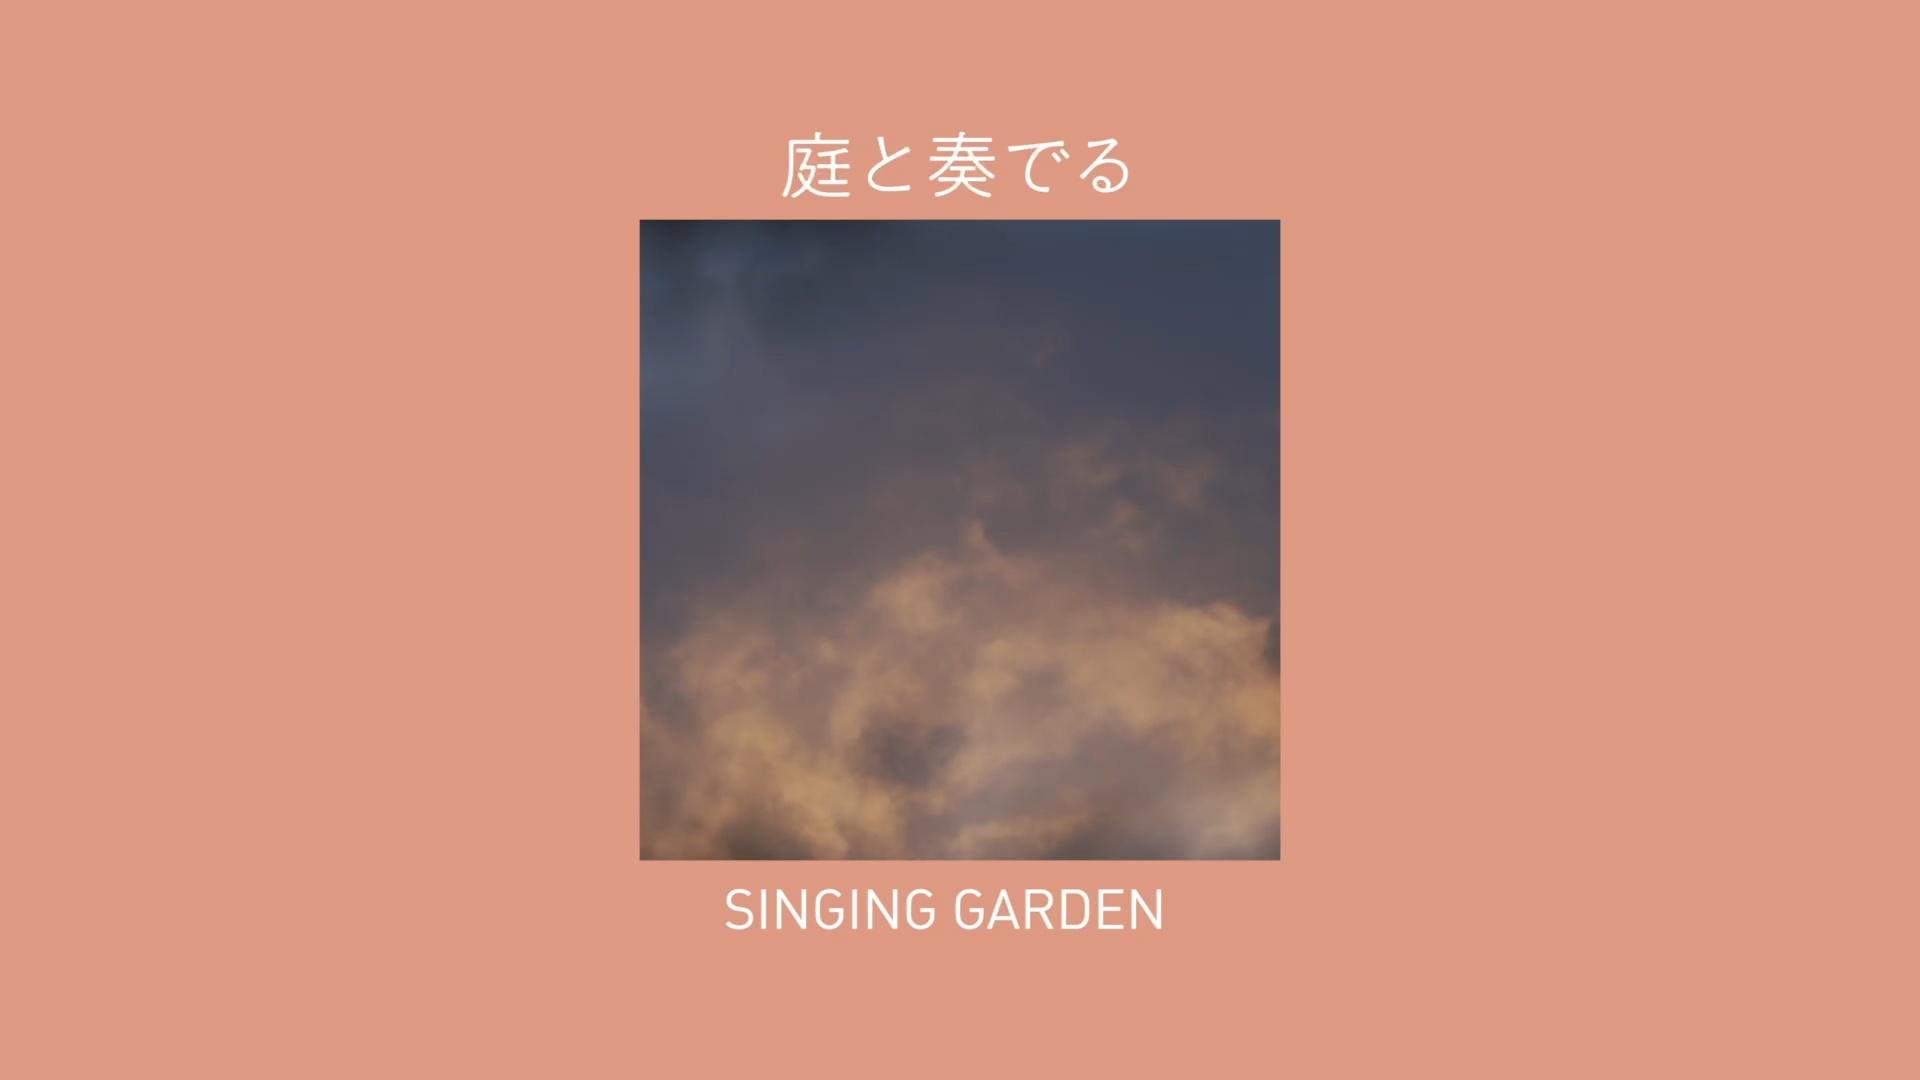 庭と奏でる [Singing Garden]004